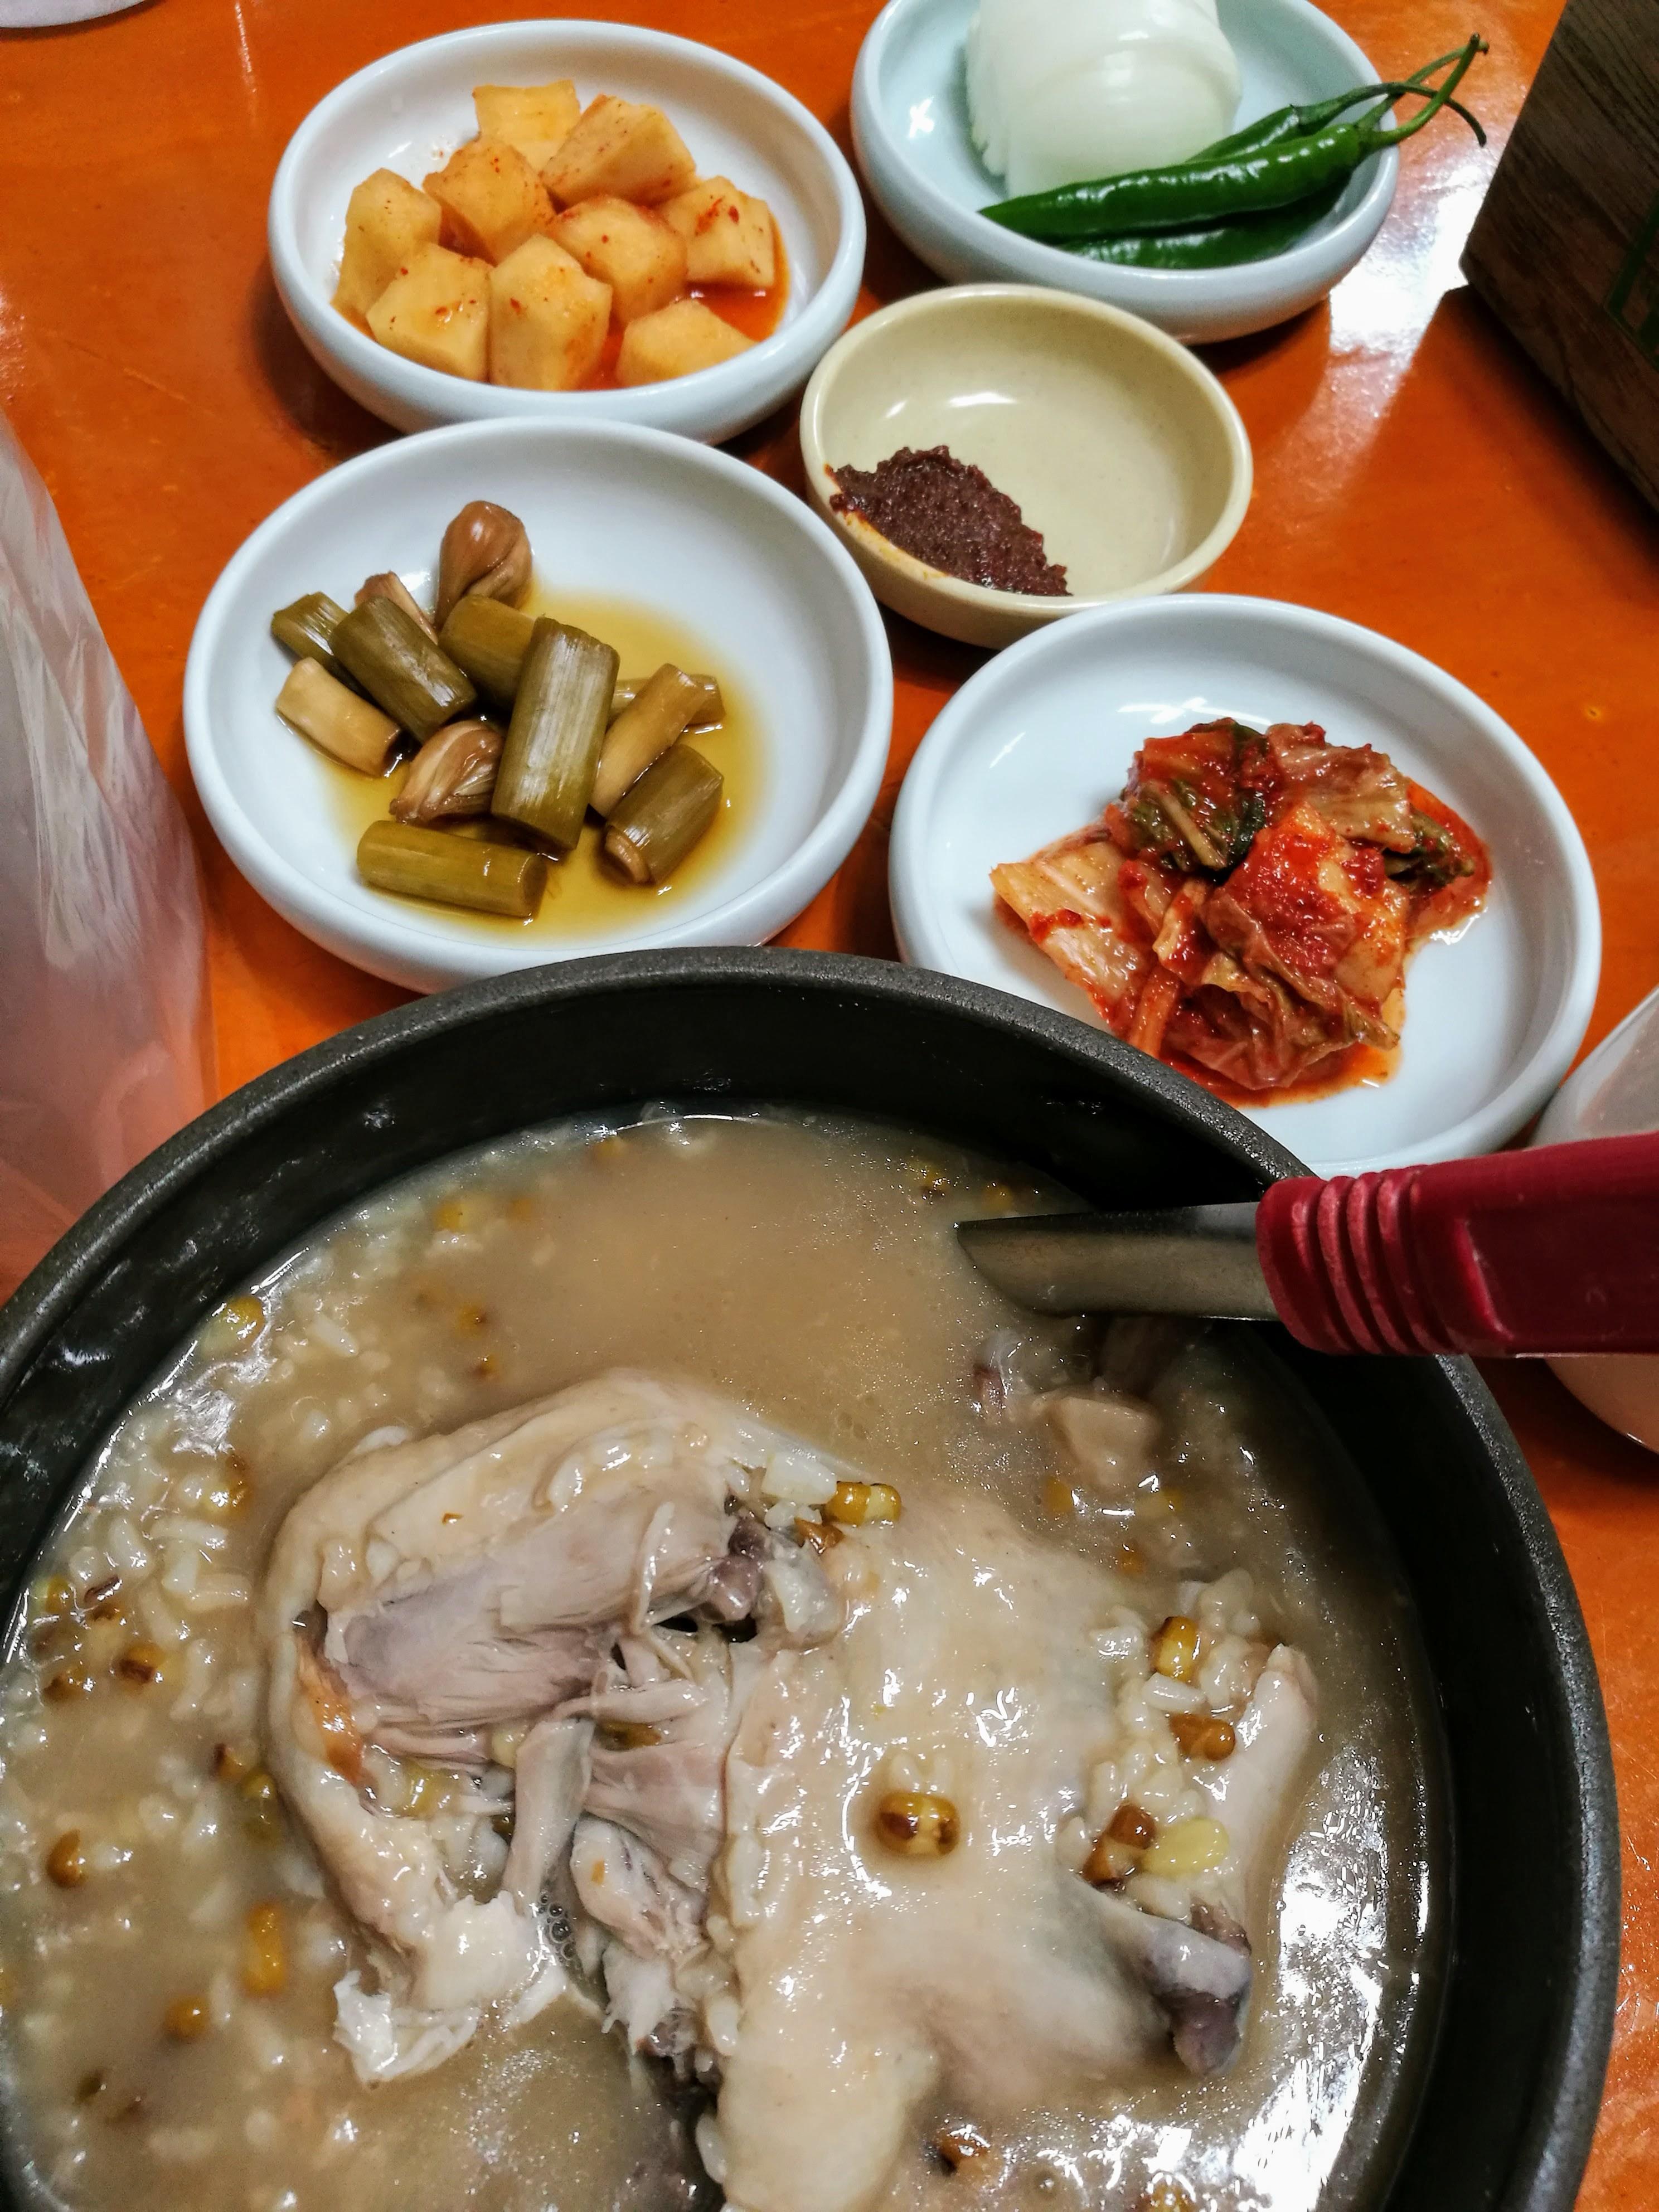 A koreaiak egyik kedvenc étele, a ginzenges csirkeleves (szamgjethang). És persze pancshanok mellé ;)